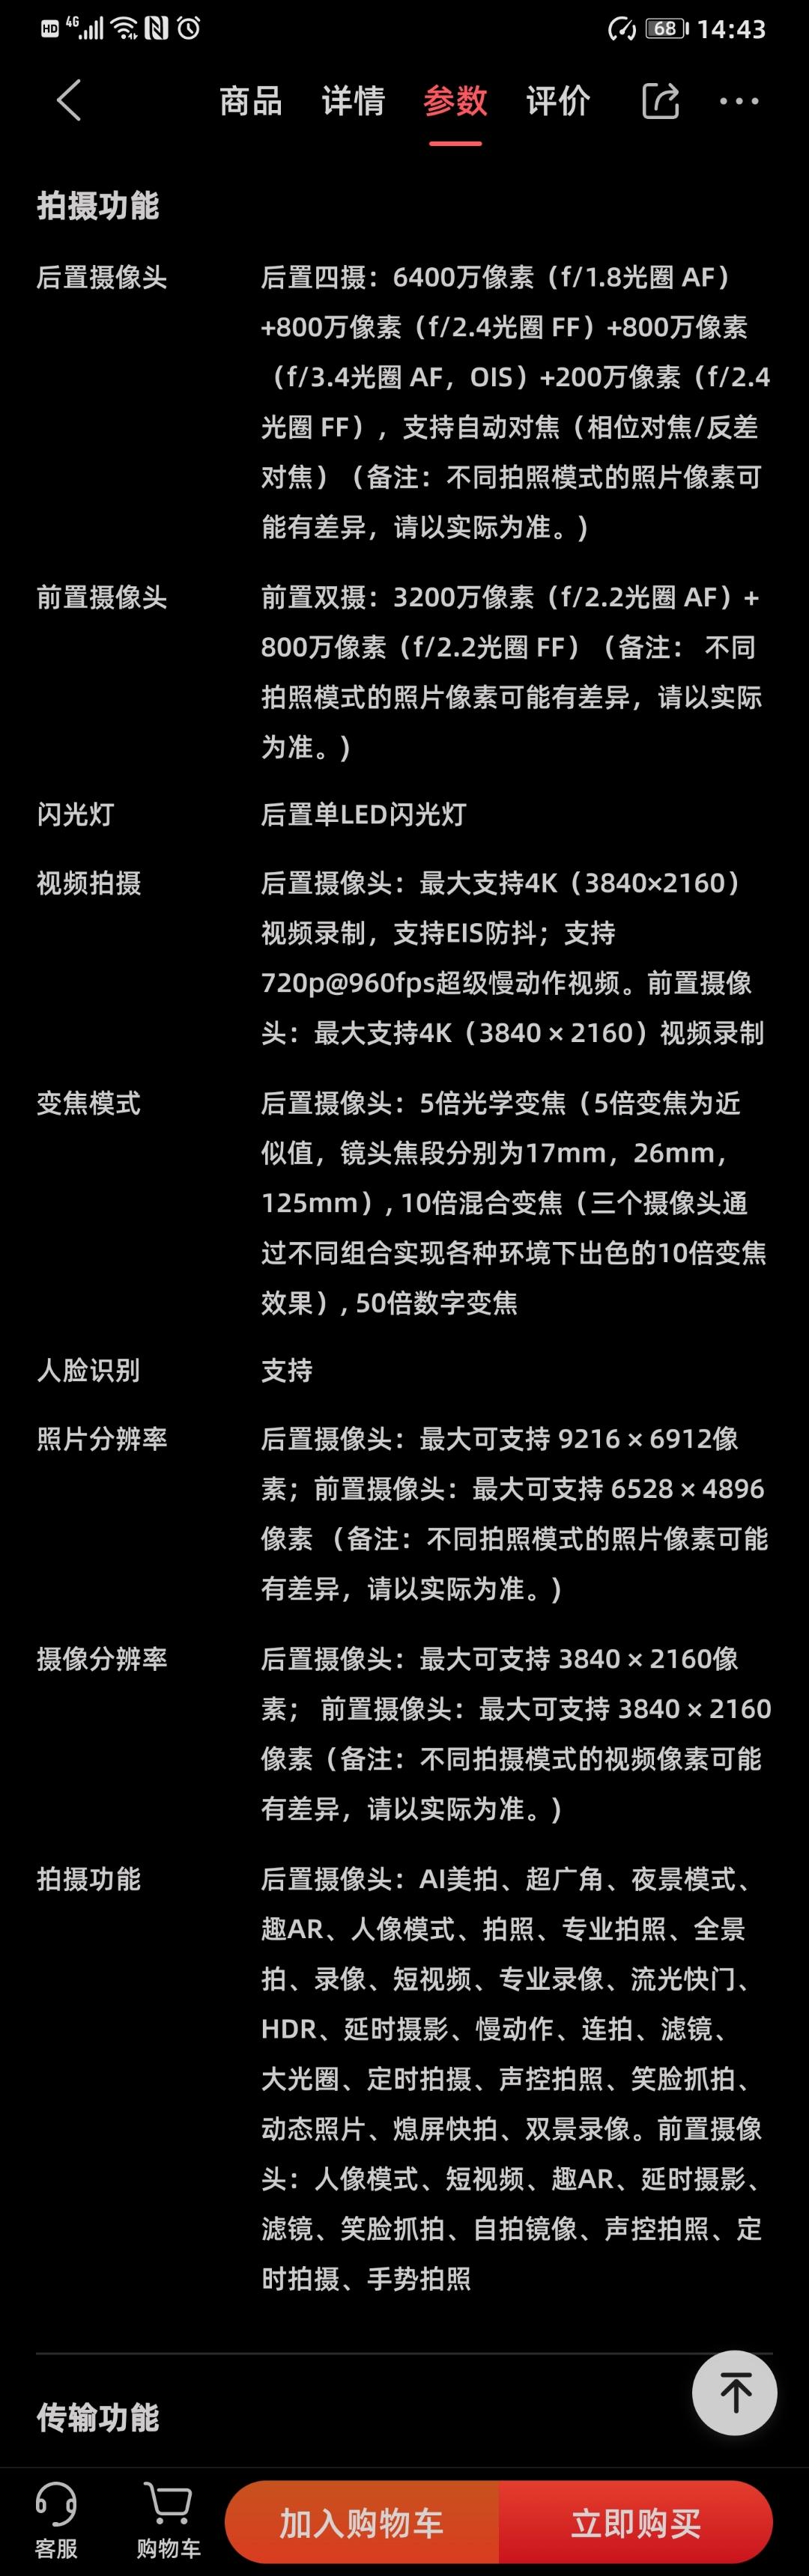 Screenshot_20200509_144304_com.vmall.client.jpg